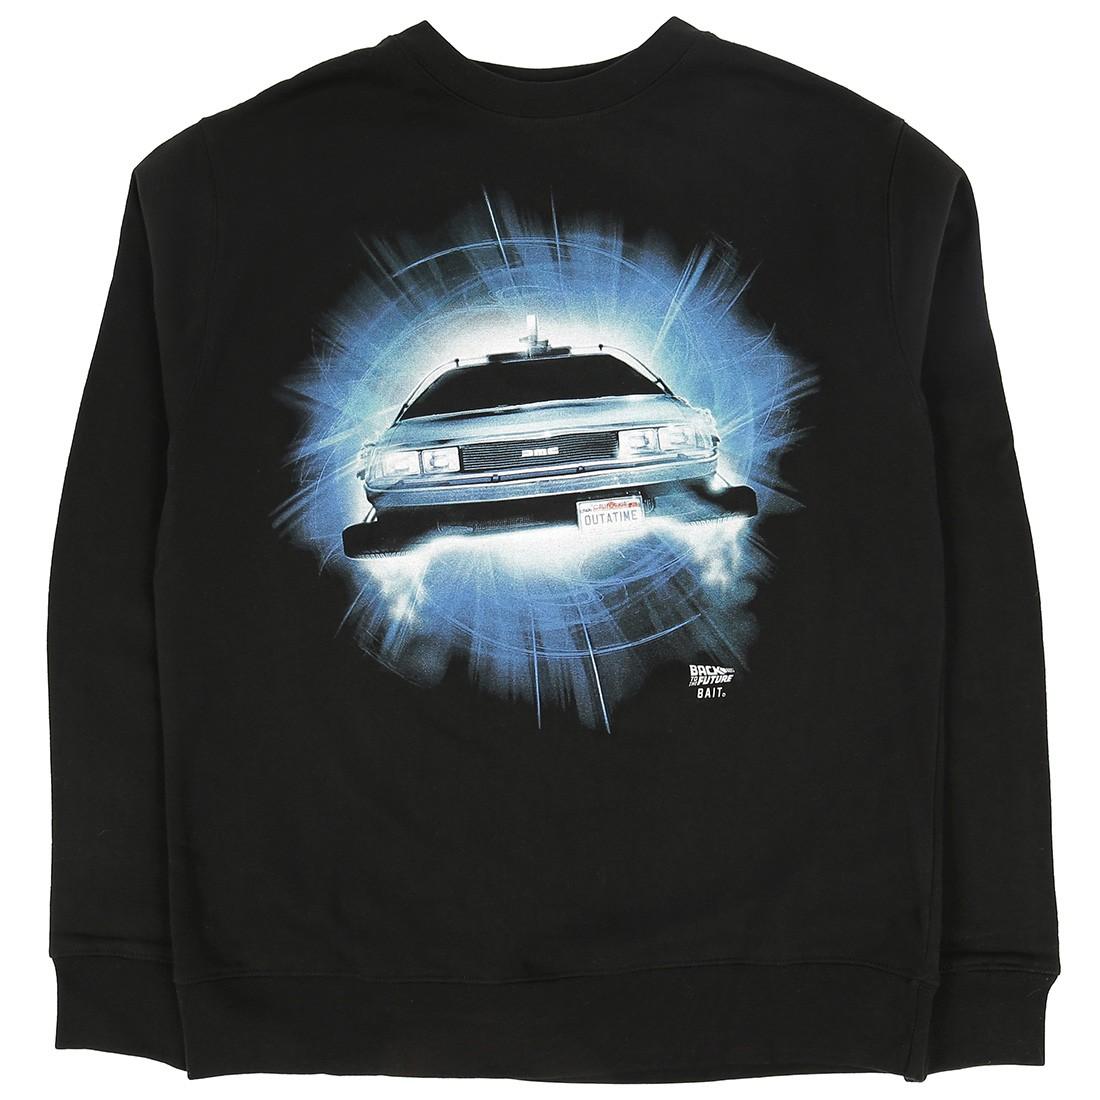 BAIT x Back To The Future Men DMC Delorean Future Crewneck Sweater (black)